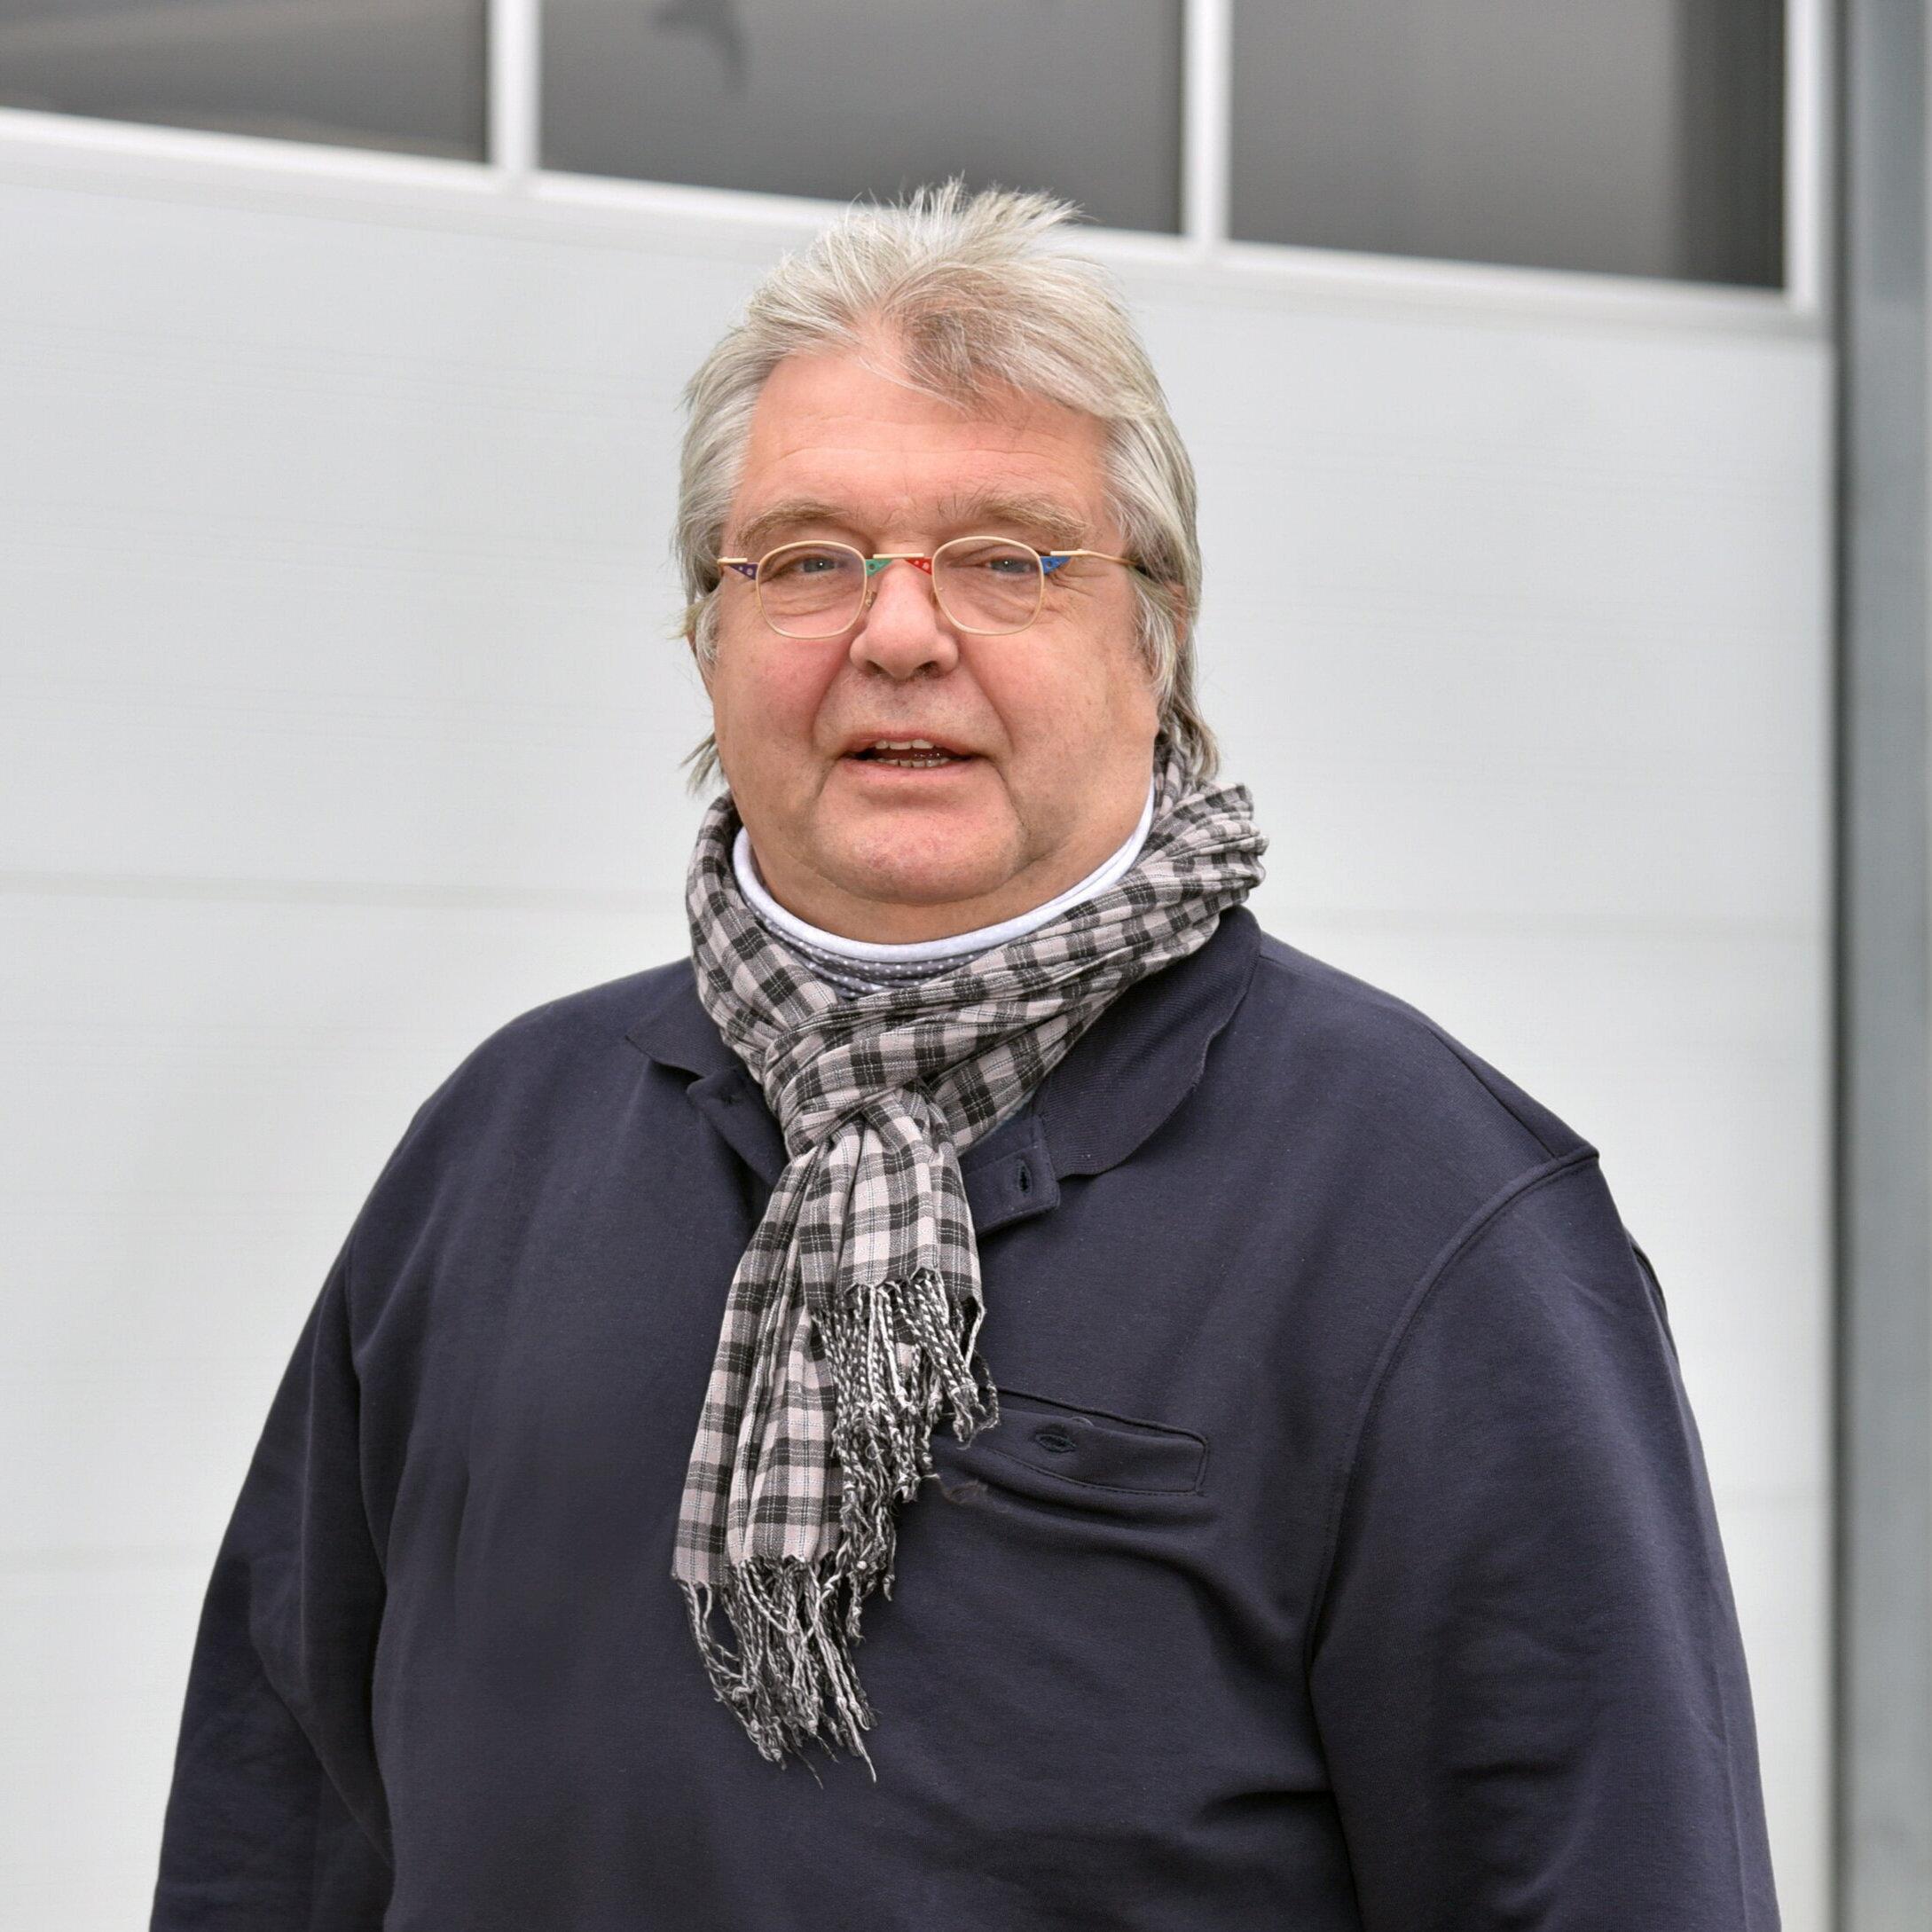 Peter Friedrichs